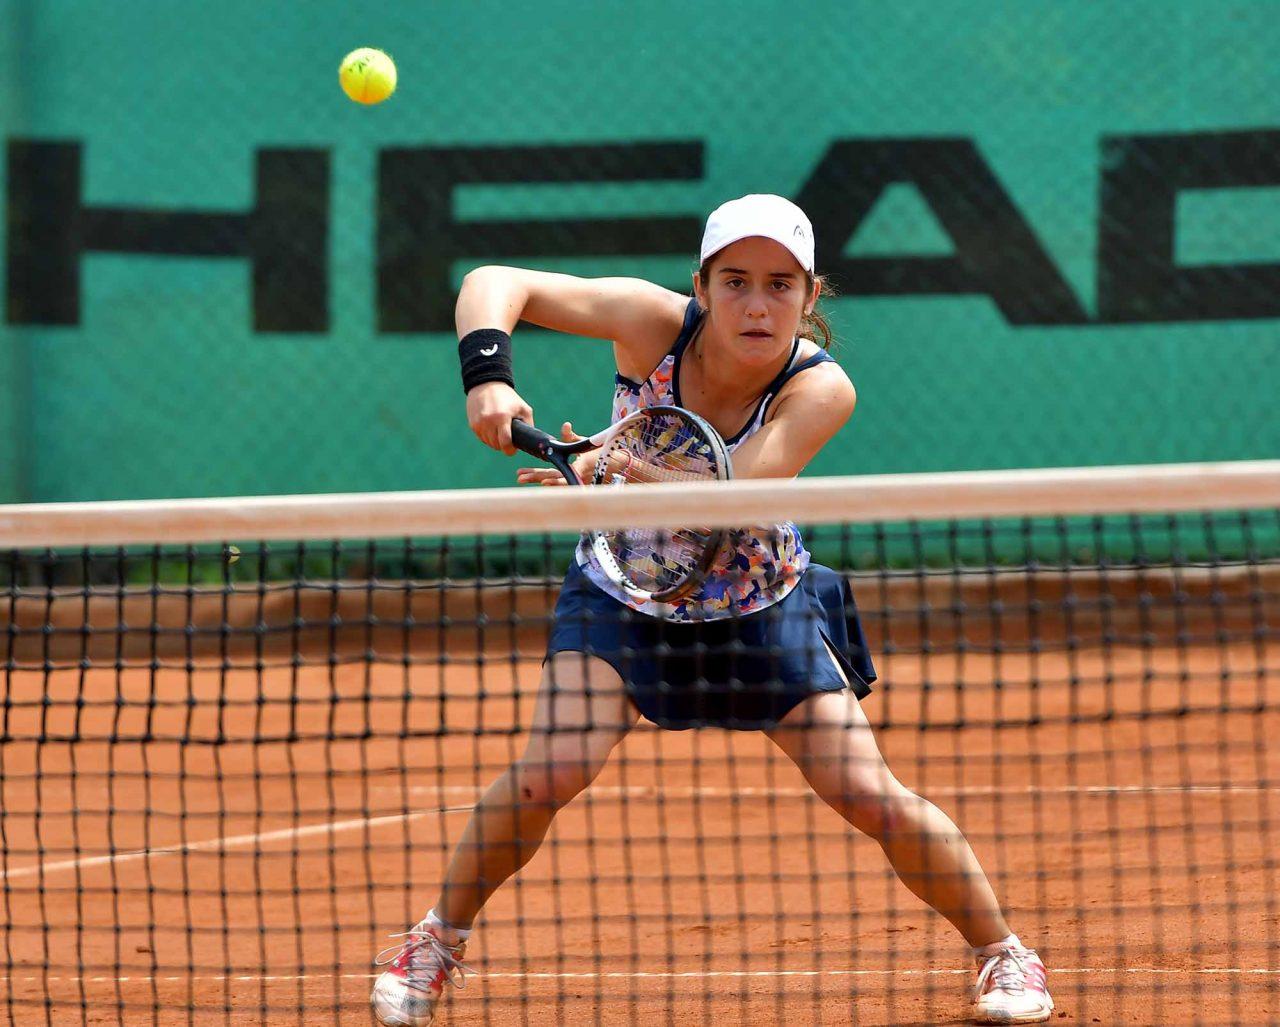 Държавно първенство тенис до 14 год. ТК 15-40 финал двойки (30)